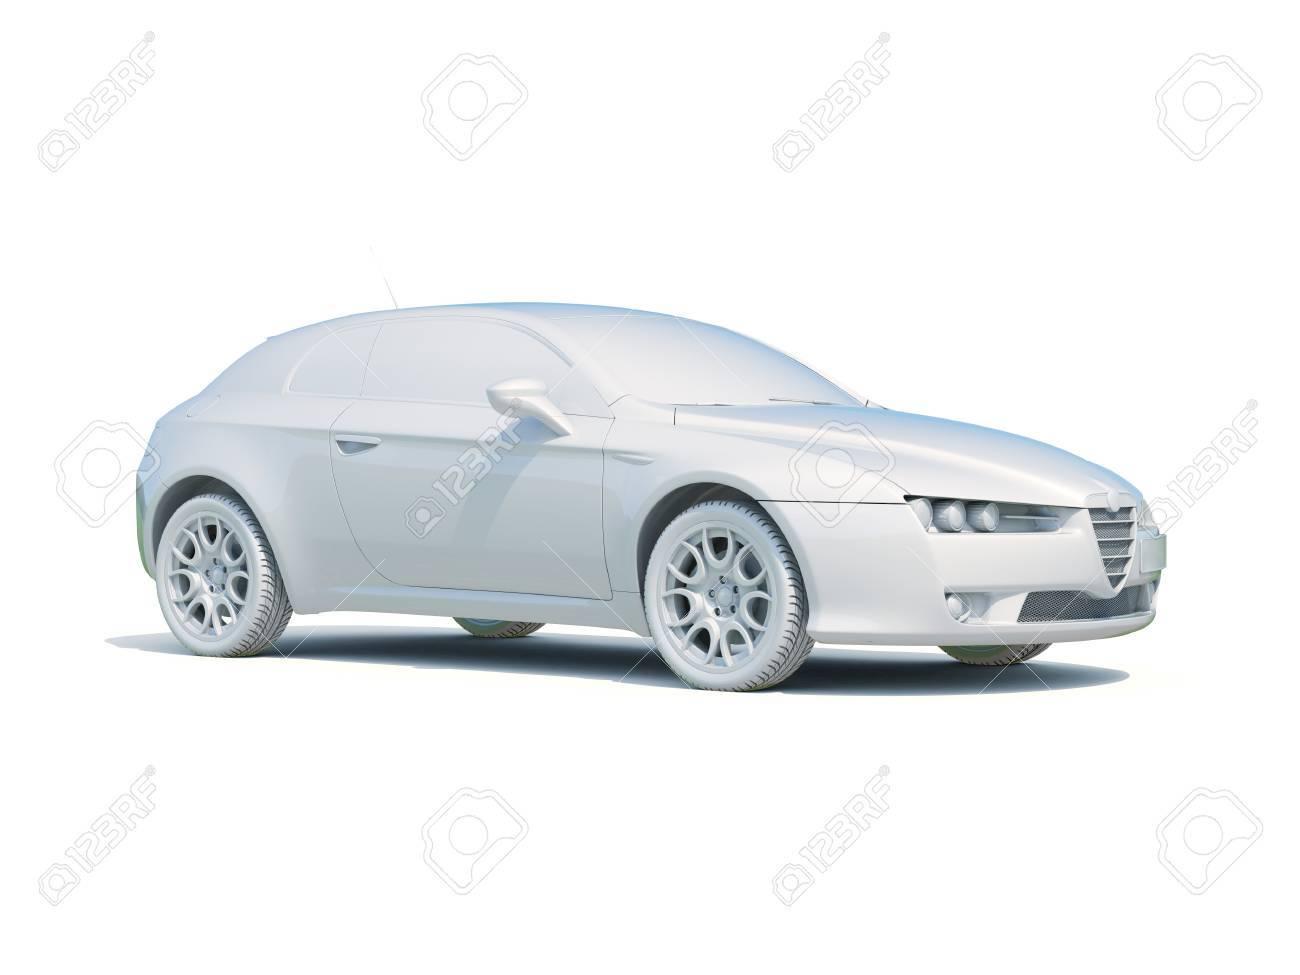 Gemütlich Business Auto Vorlage Fotos - Beispielzusammenfassung ...